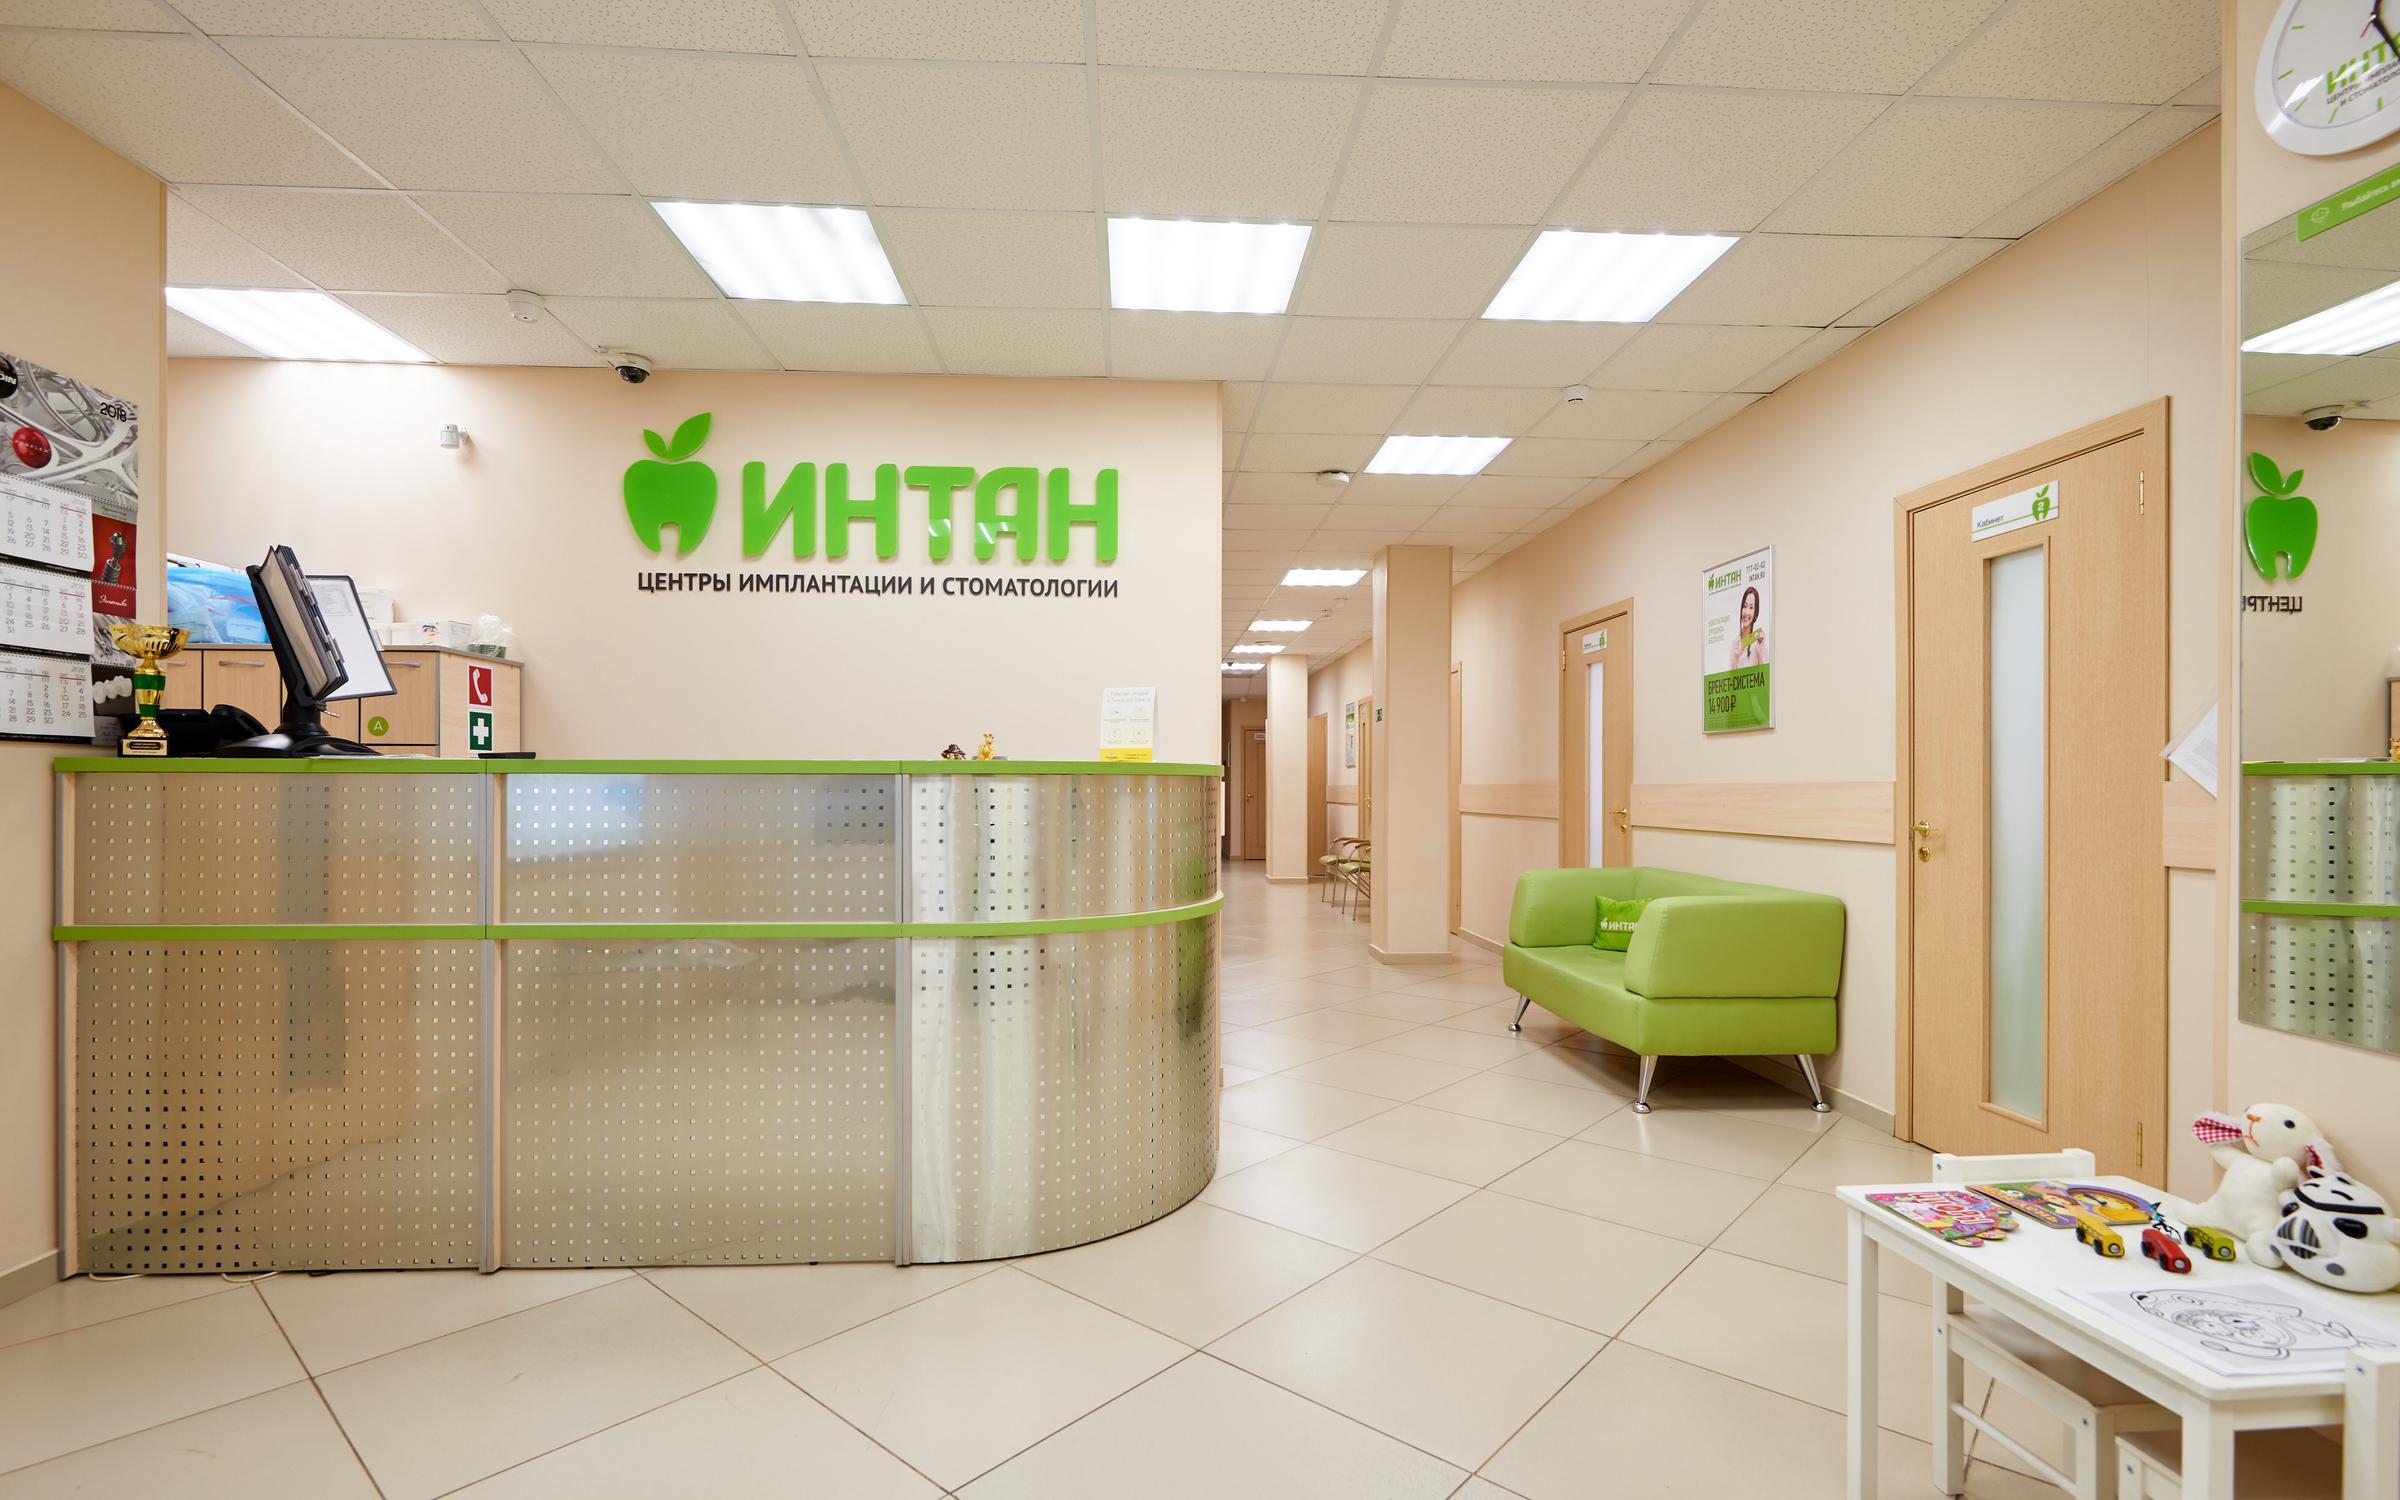 фотография Центра имплантации и стоматологии ИНТАН на улице Солдата Корзуна